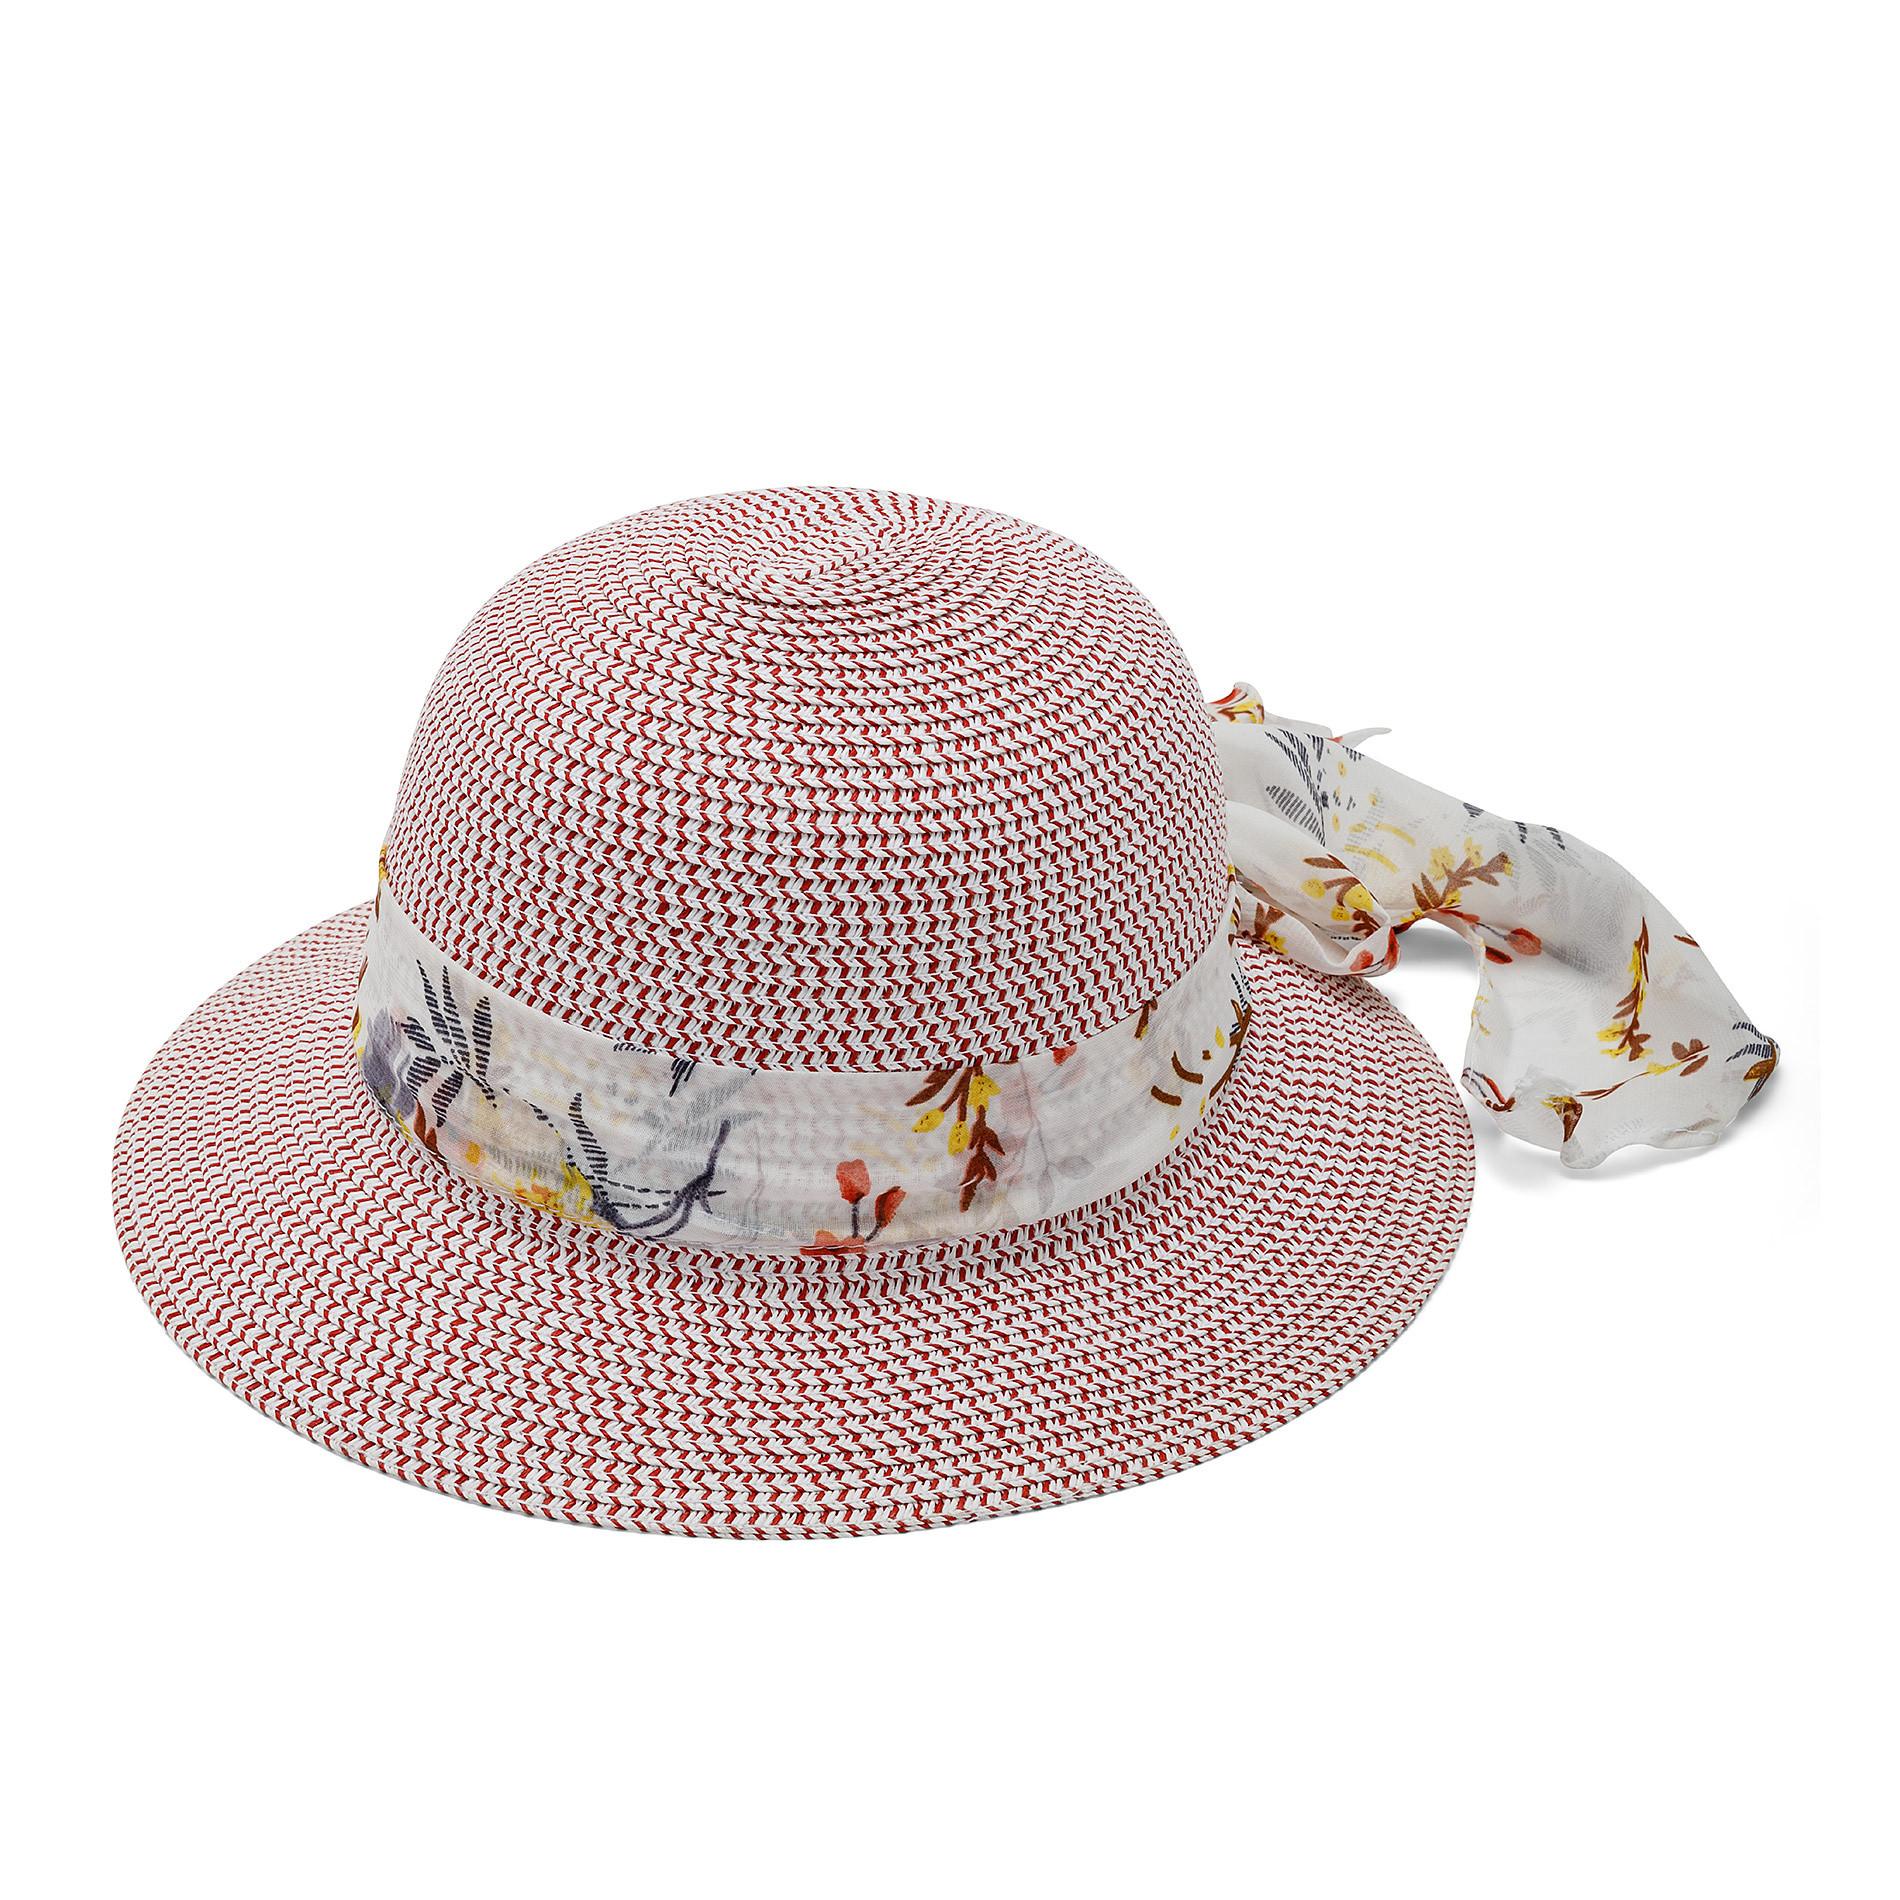 Cappello di paglia multicolor Koan, Bianco, large image number 0